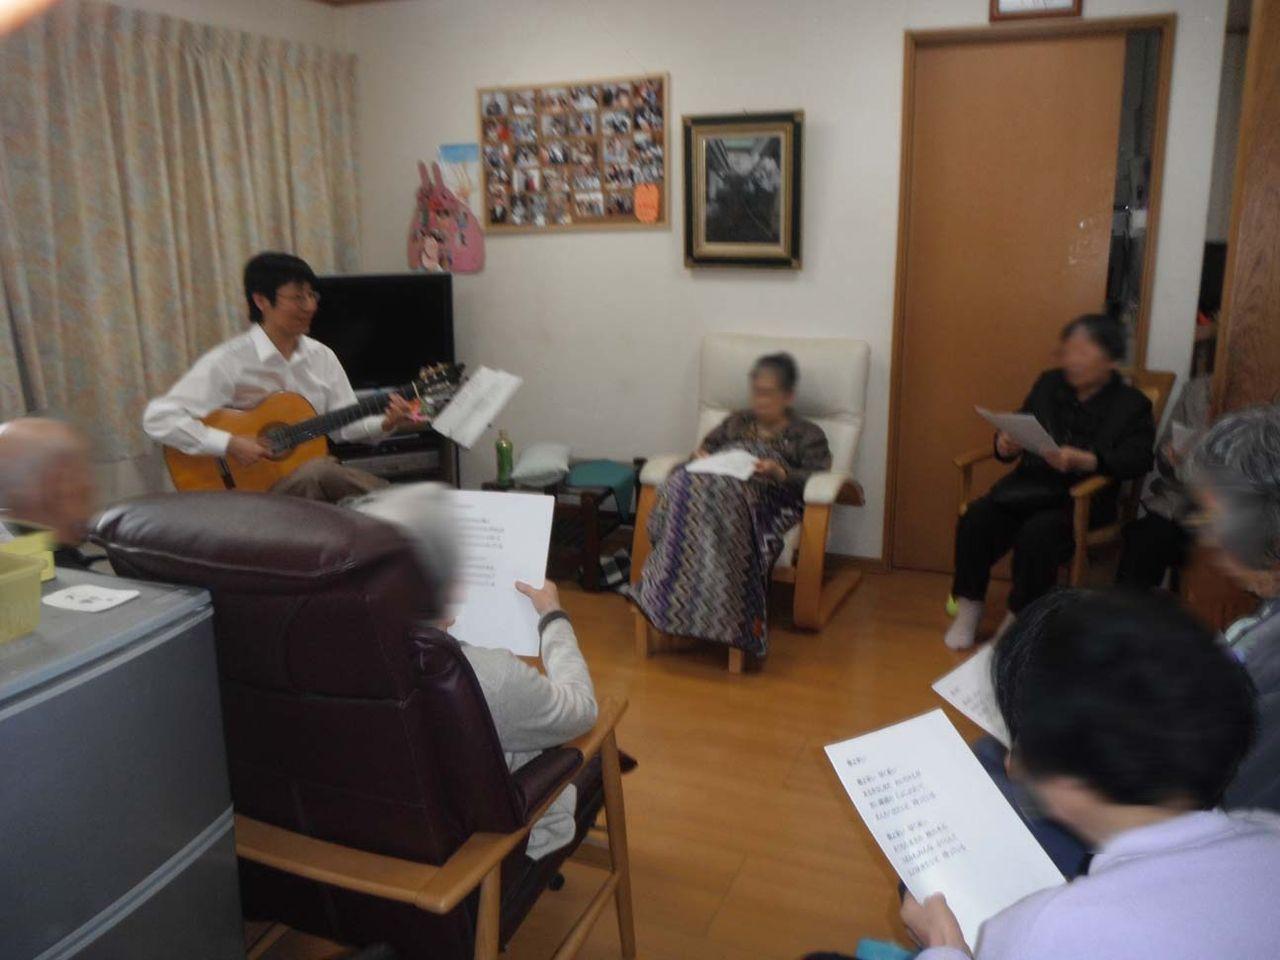 グループホームでギター演奏しました♪